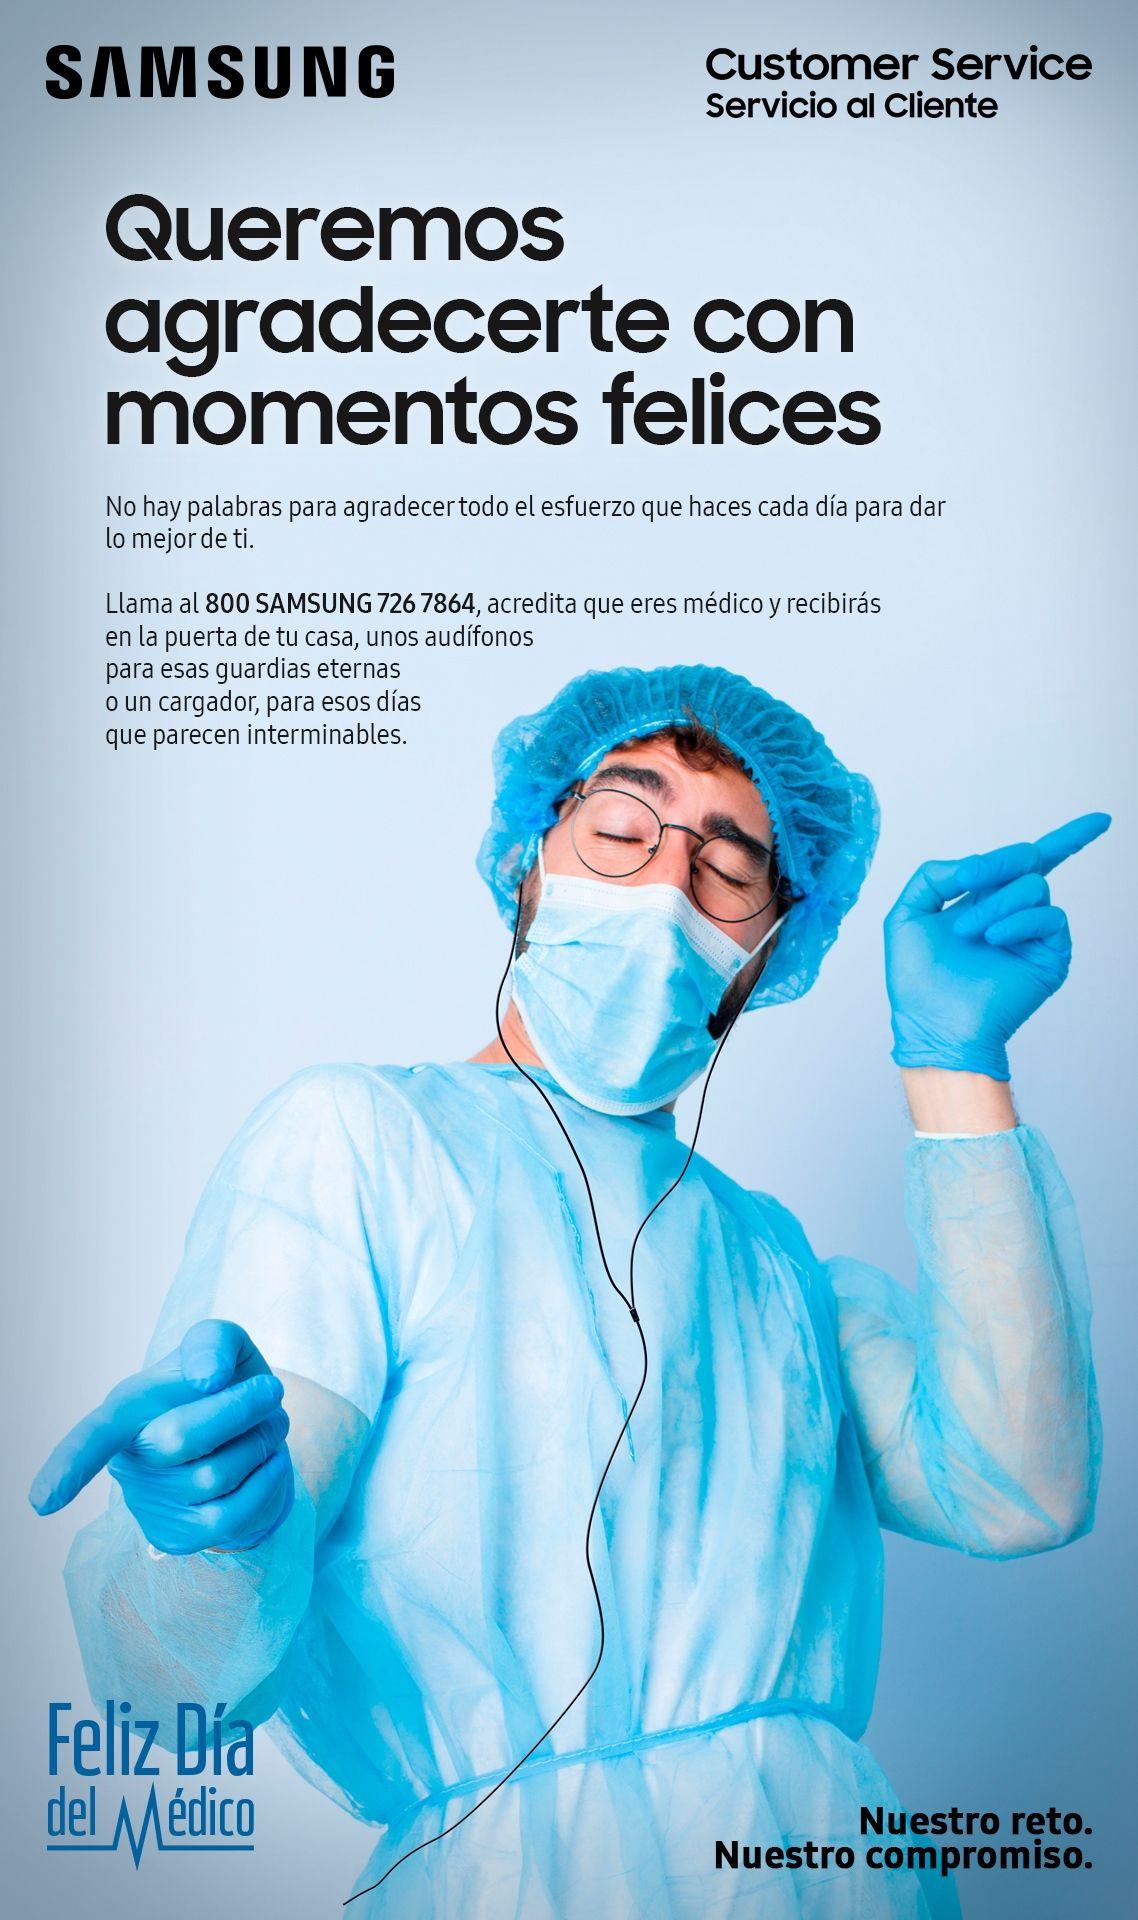 Samsung: Audífonos o cargador Gratis si eres médico